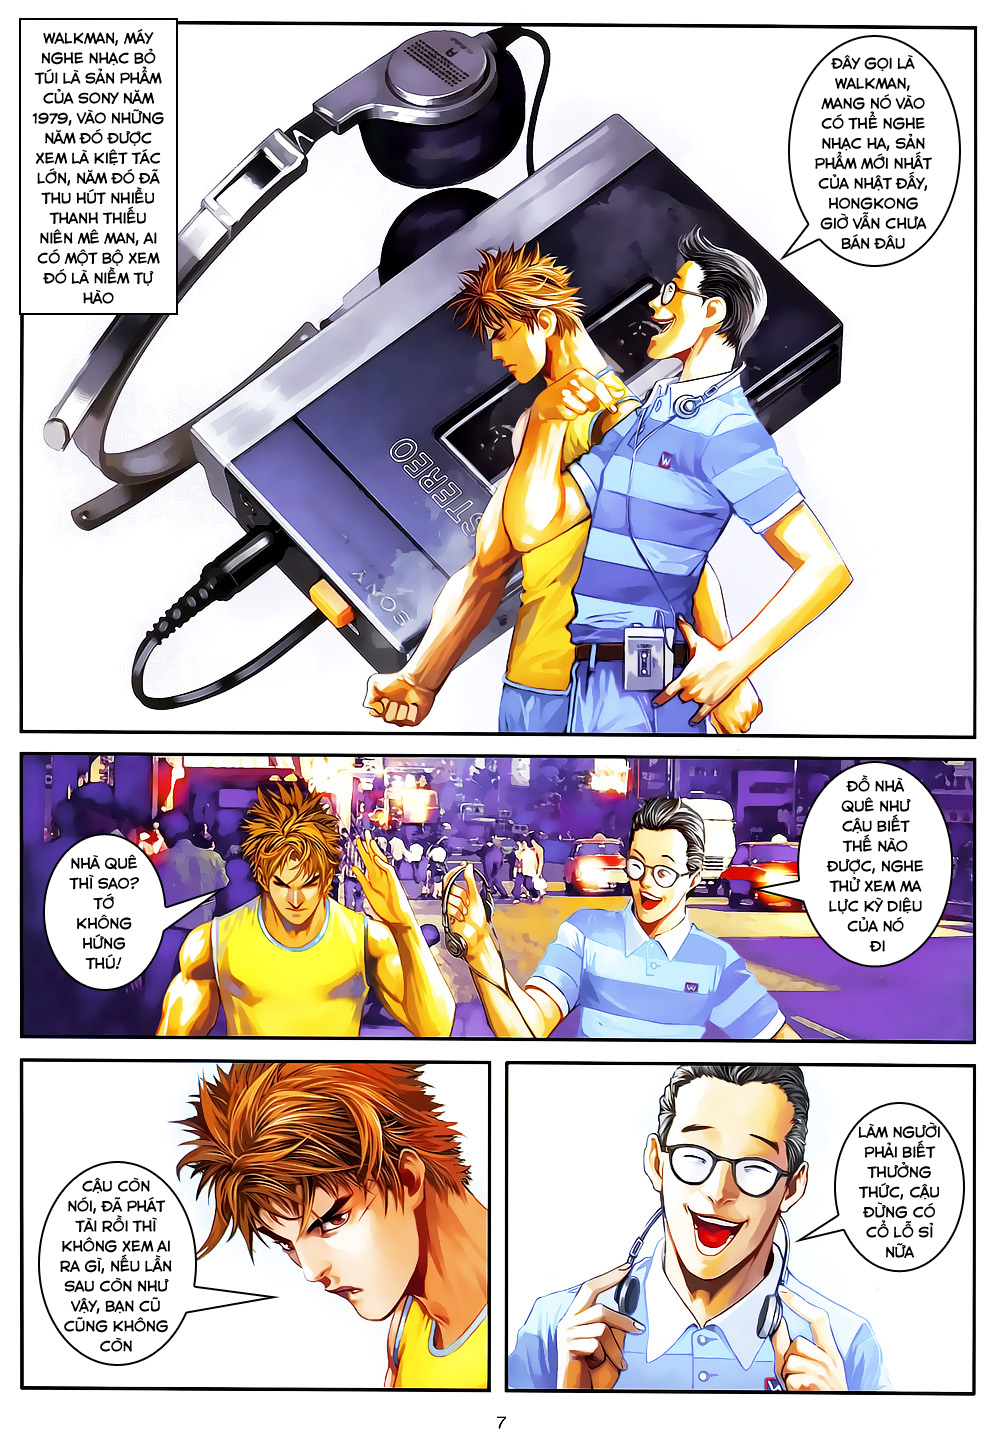 Quyền Đạo chapter 4 trang 7